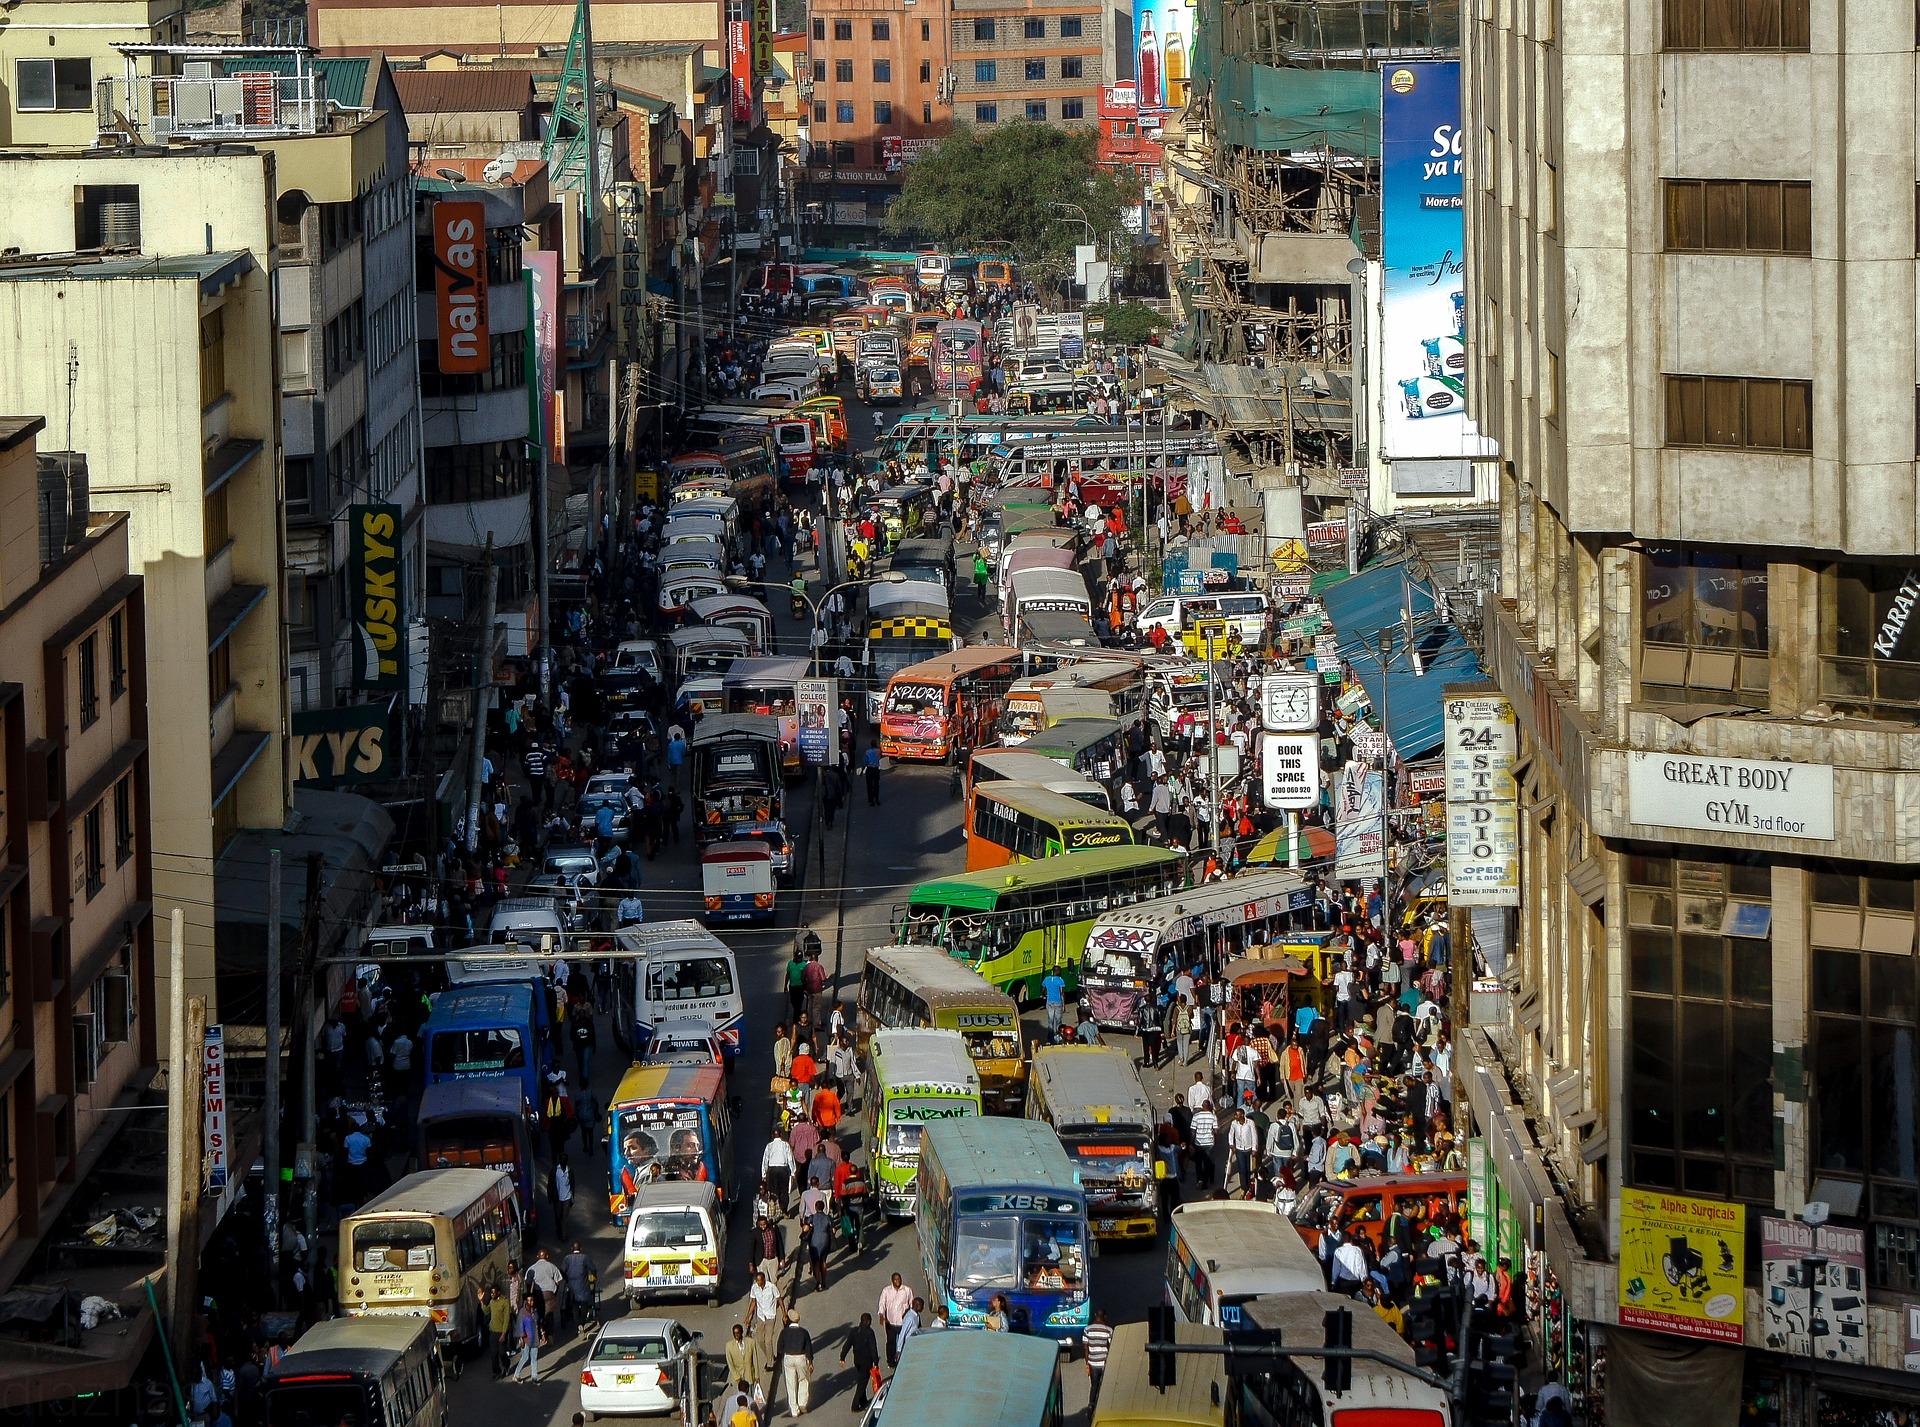 Un'analisi del trasporto pubblico nelle città africane grazie agli open data GTFS